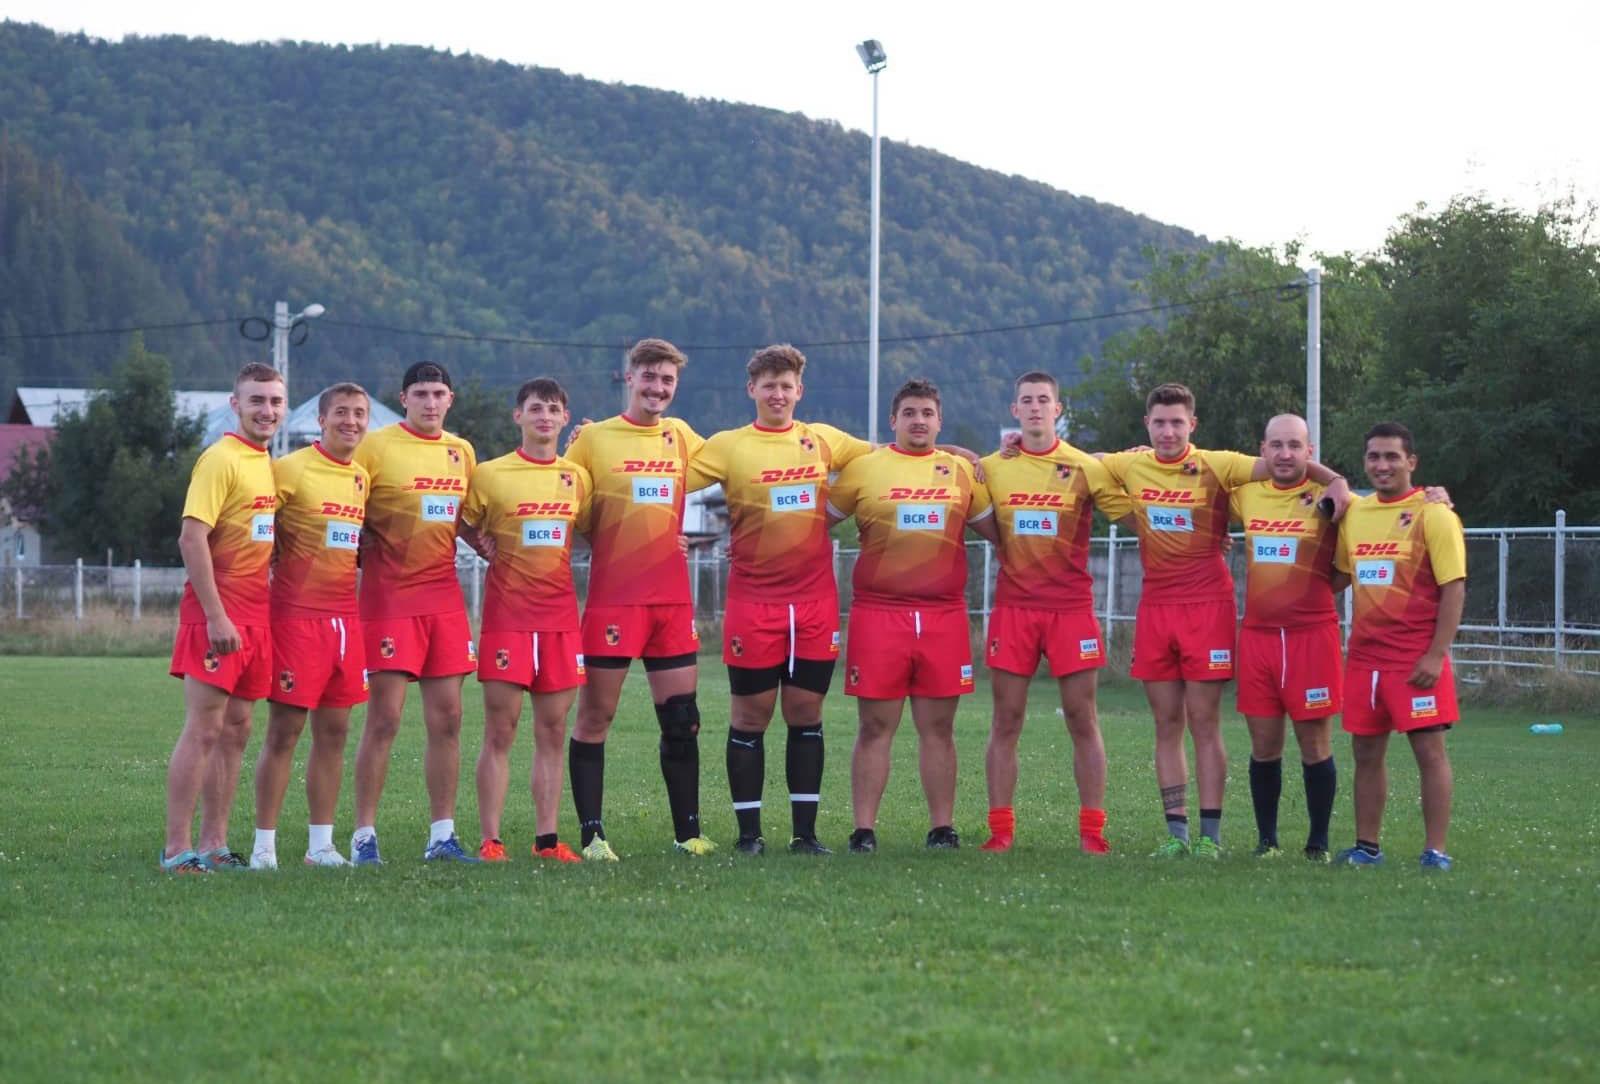 Programul de educație non formală Rugby pentru toți se află la a cincea ediție